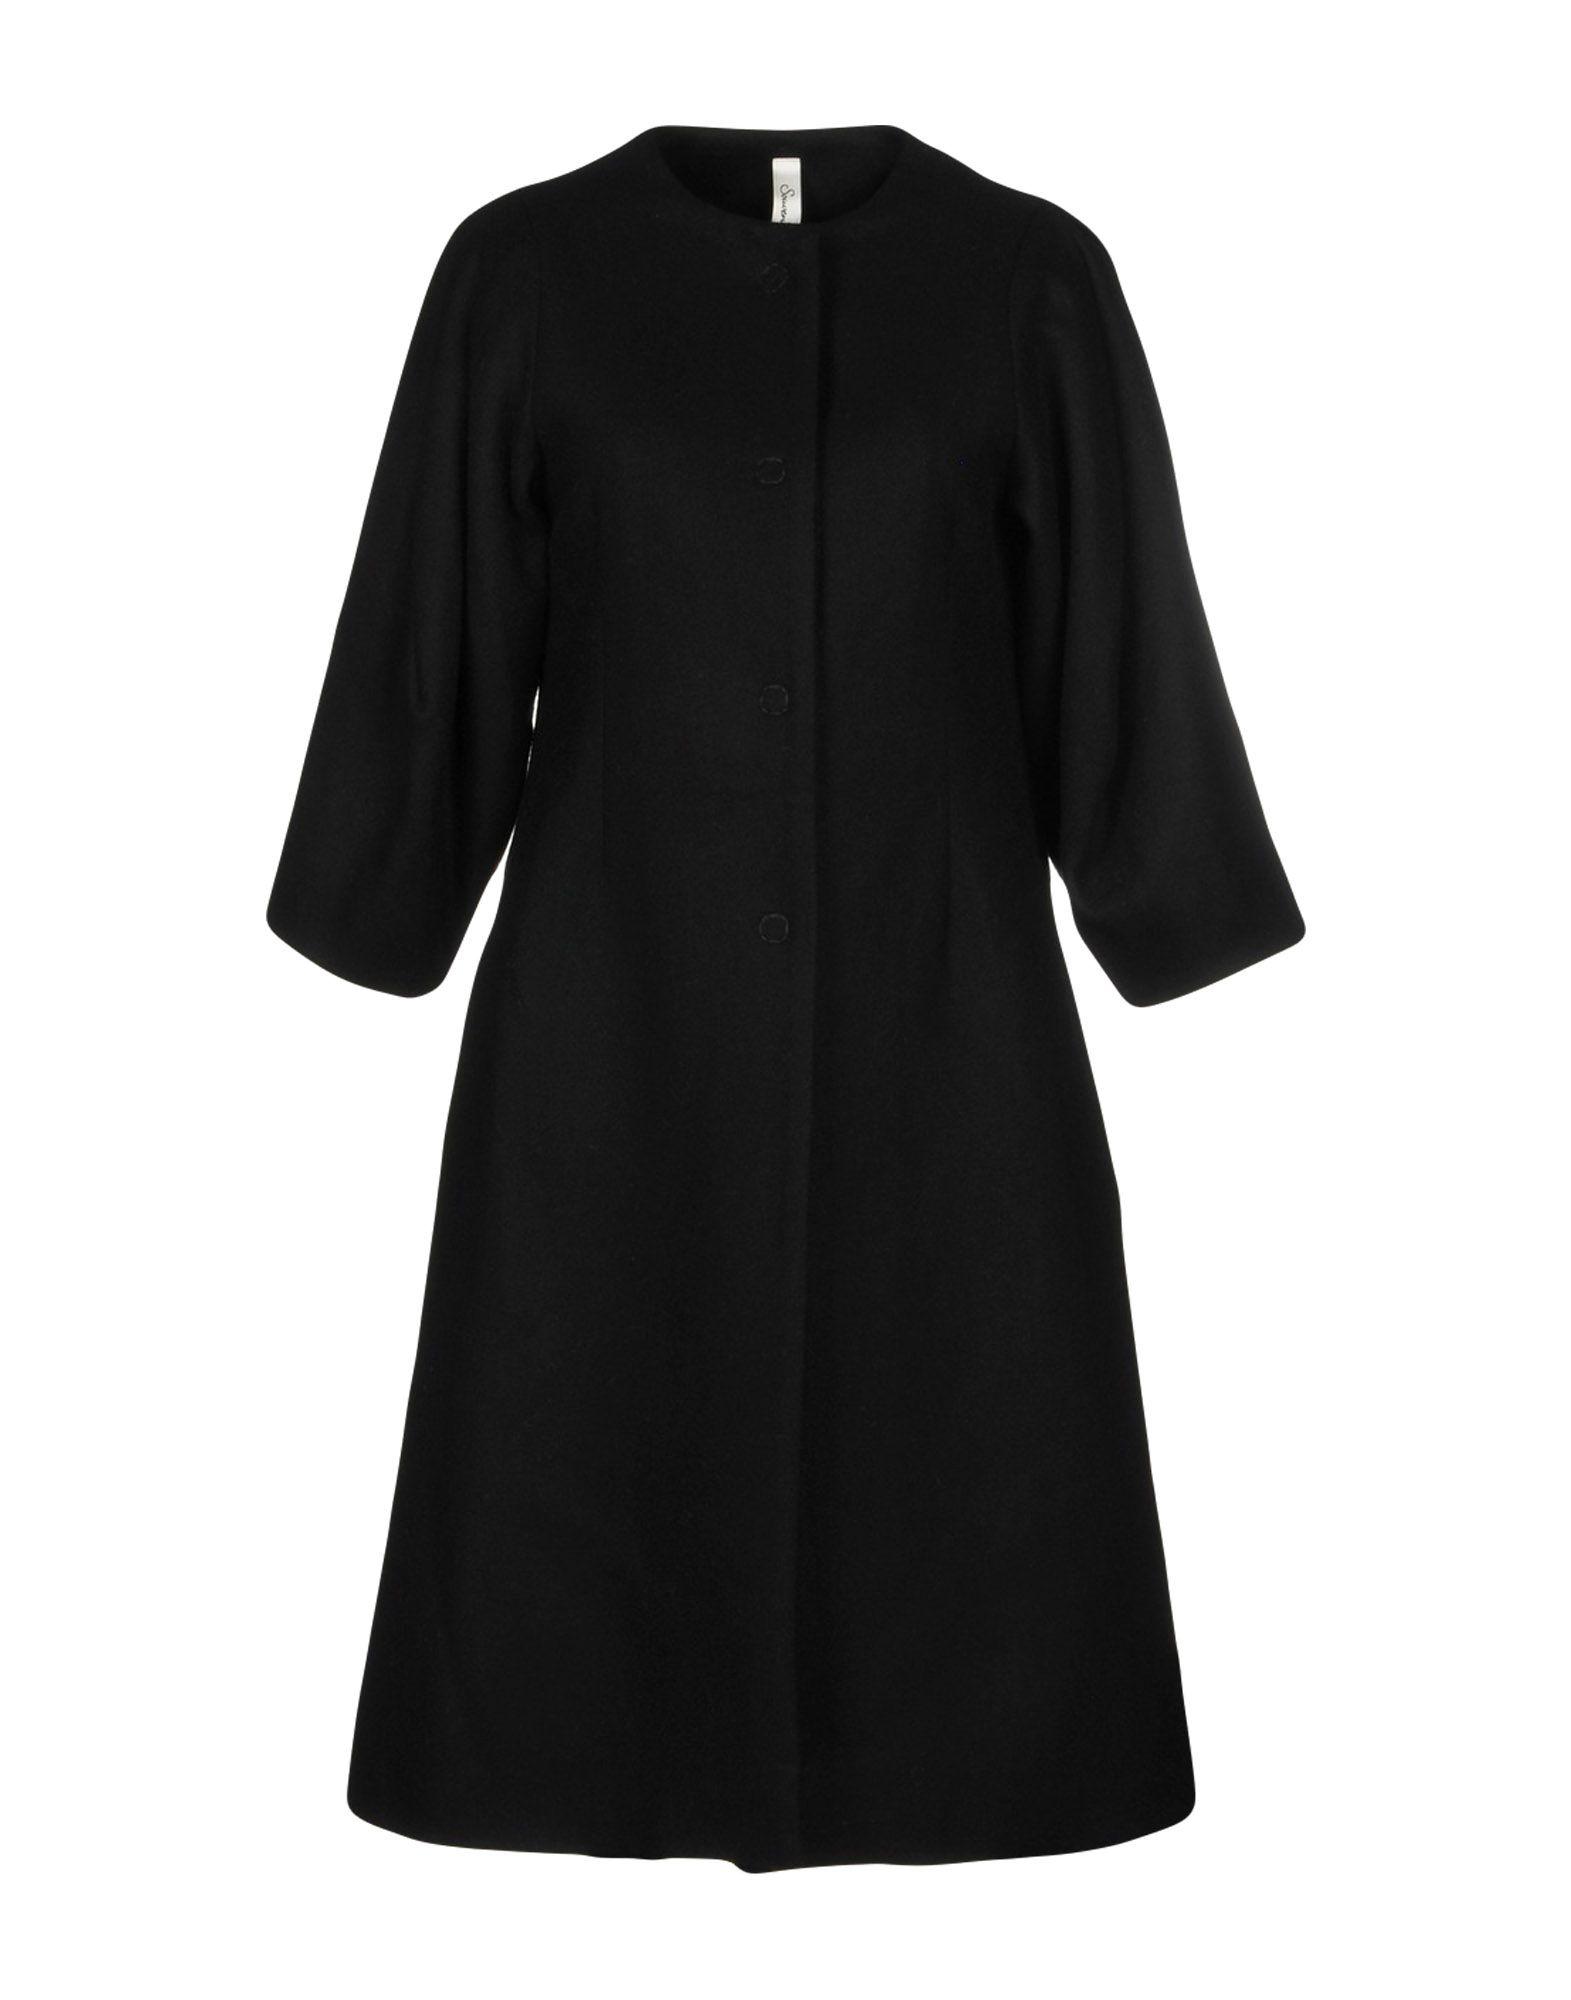 Cappotto Souvenir Donna - Acquista online su RSOW8yMyp